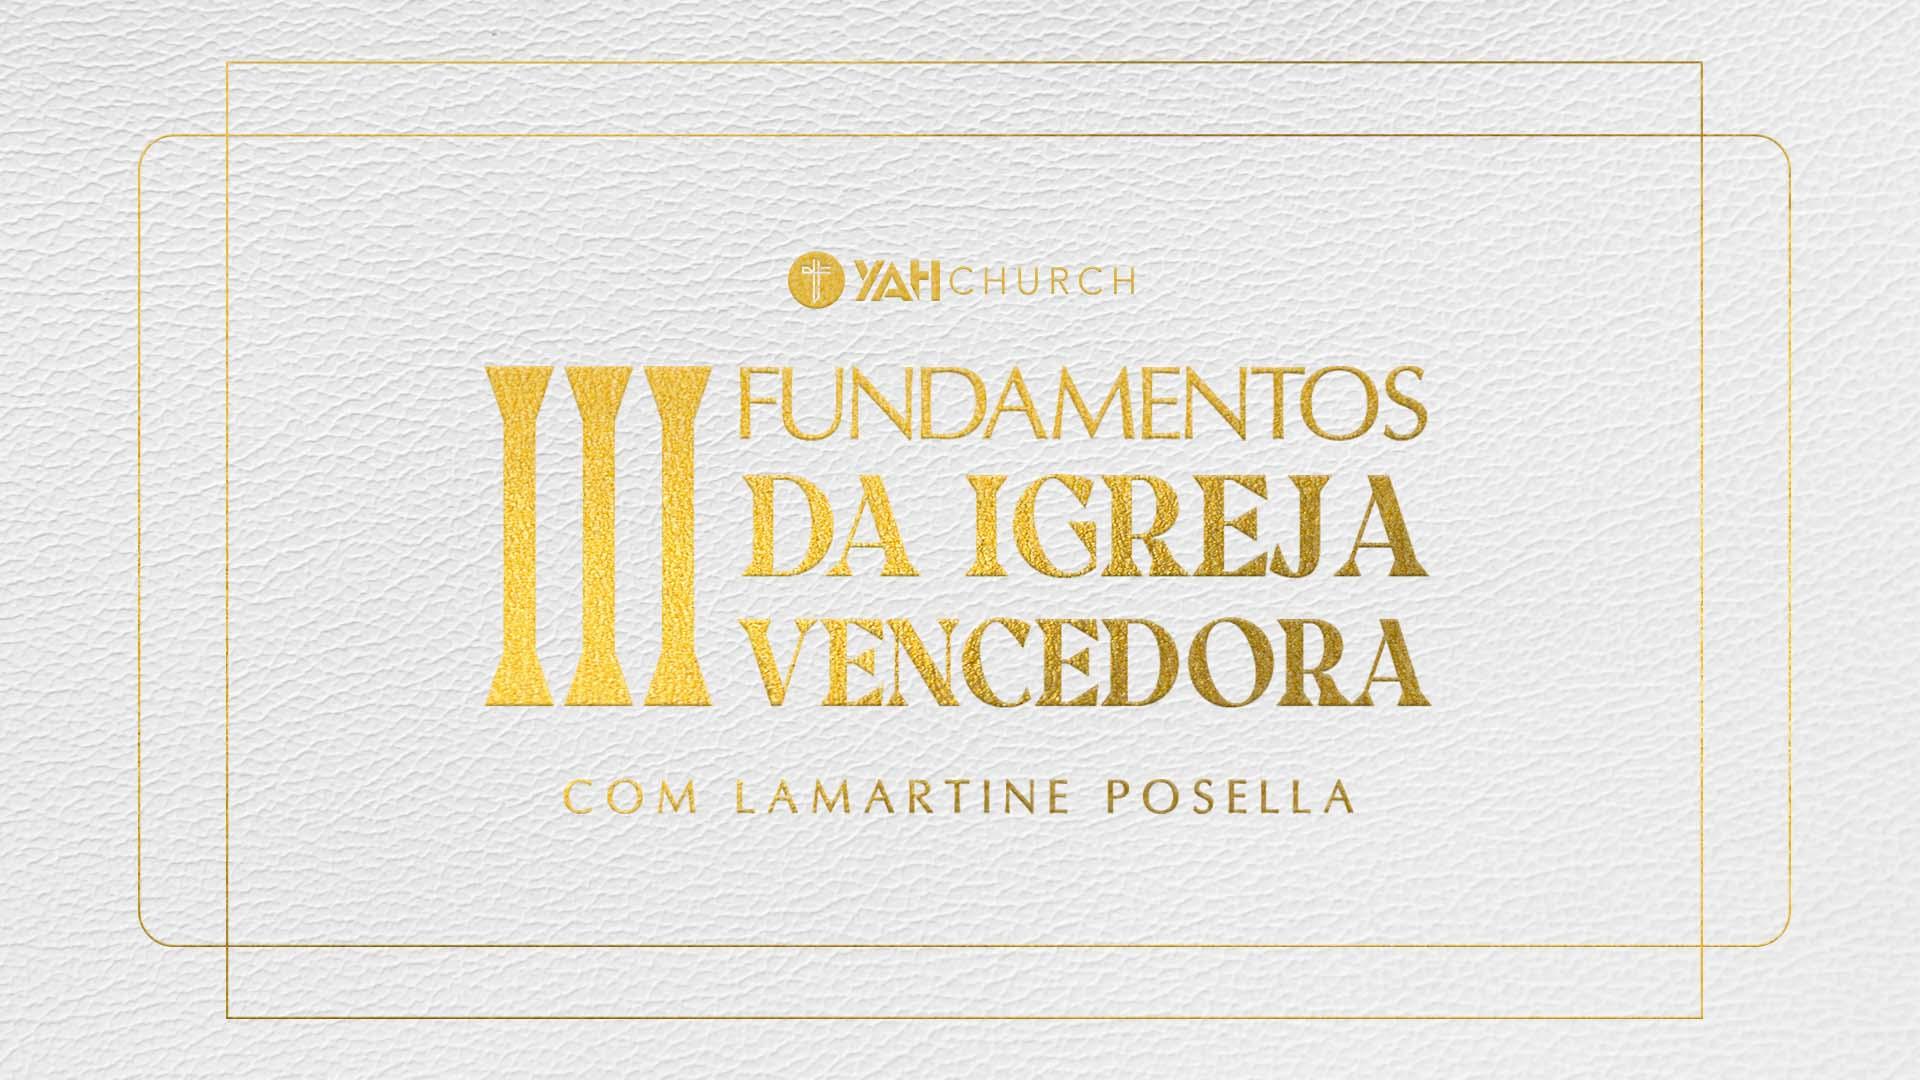 3 fundamentos da Igreja vencedora